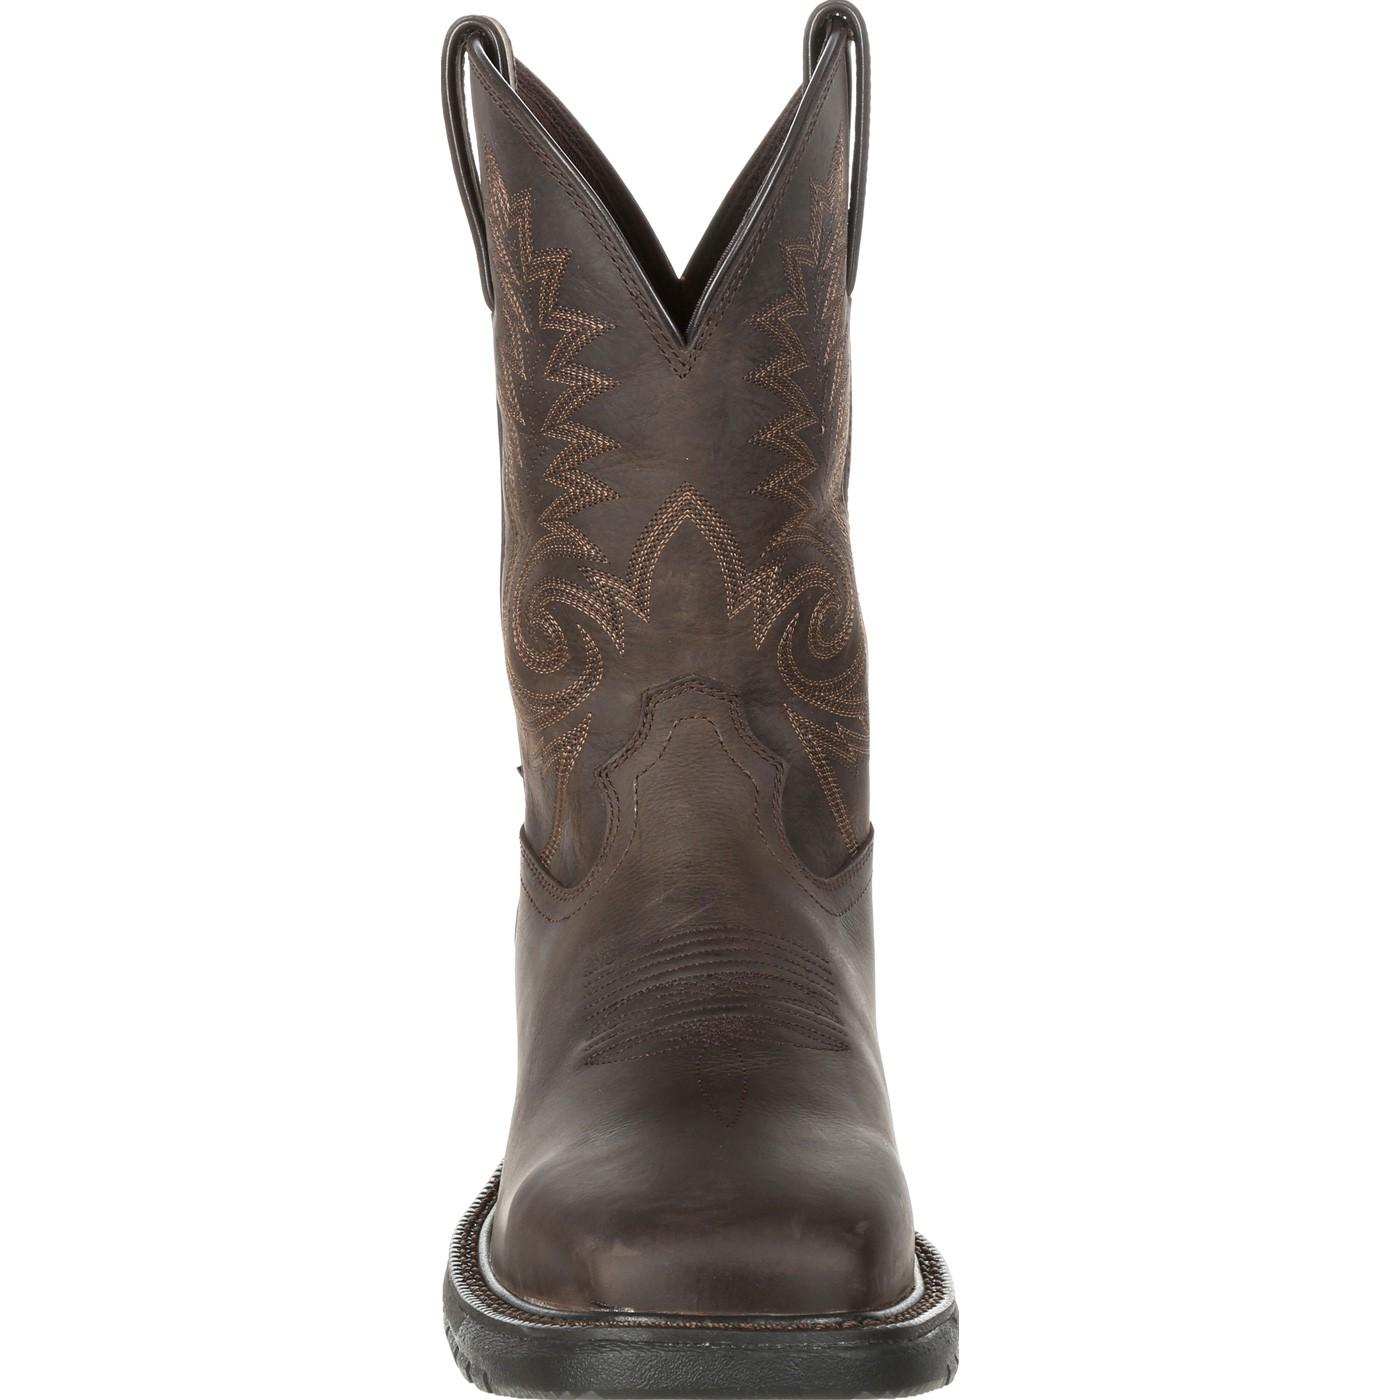 8c5399c95da Rocky Original Ride FLX Steel Toe Waterproof Western Boot